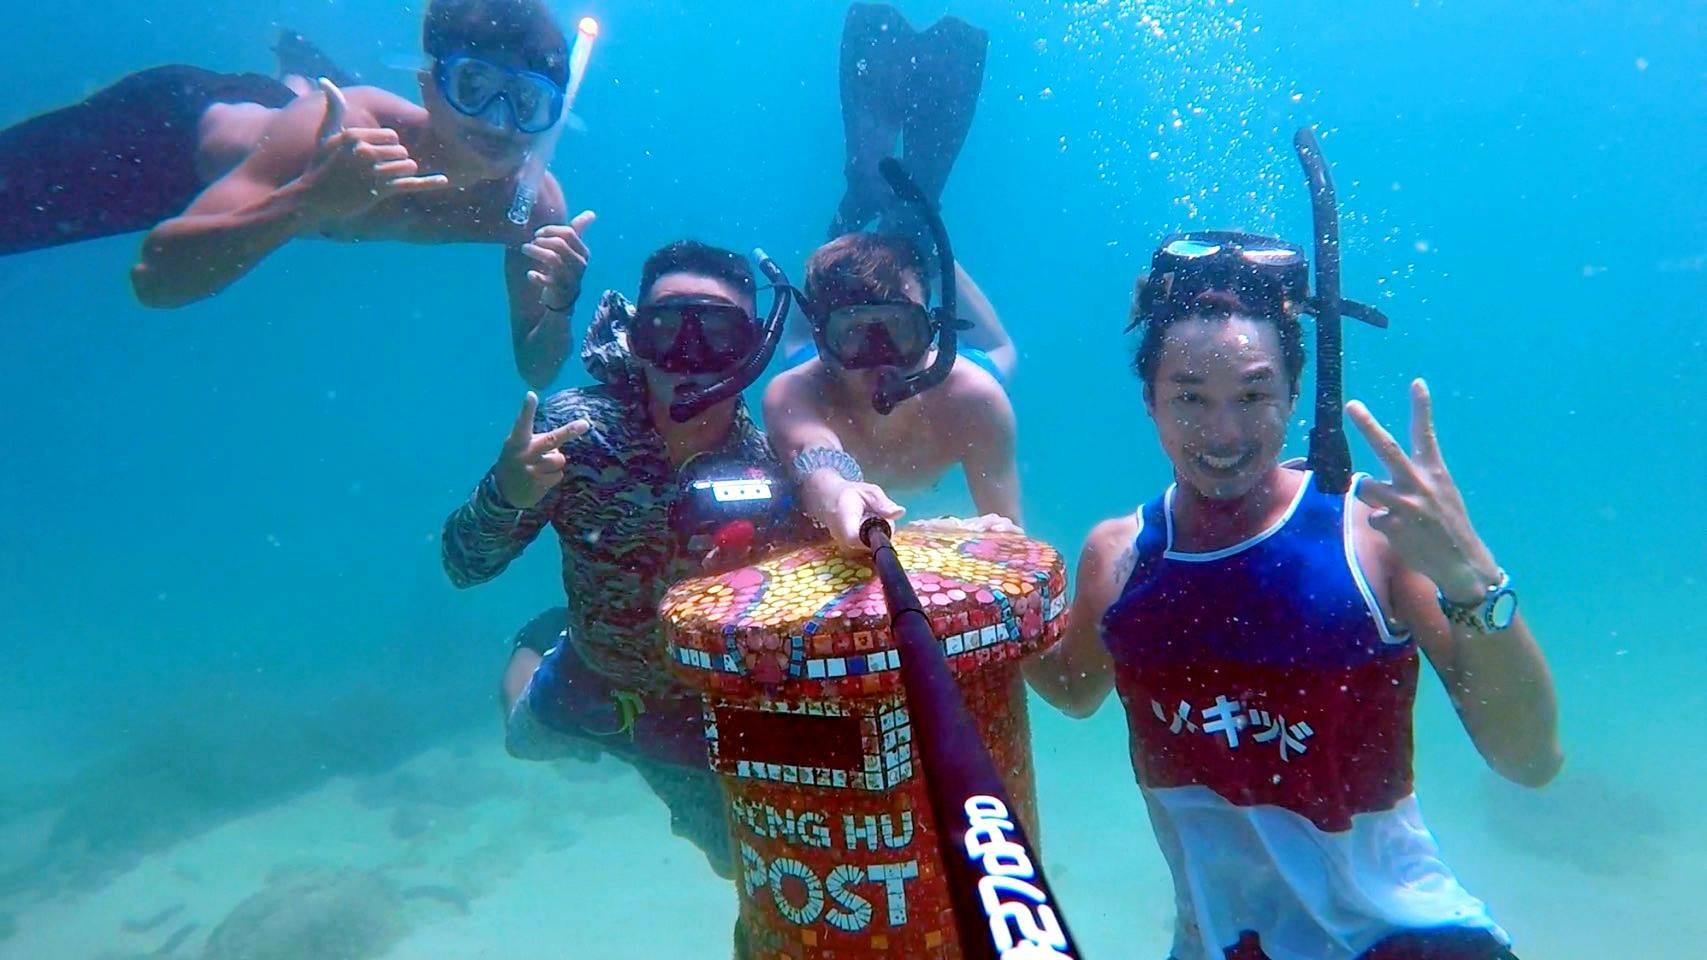 澎湖海底郵筒 | 澎湖浮潛+海底郵筒寄明信片 / SUP立式划槳探險